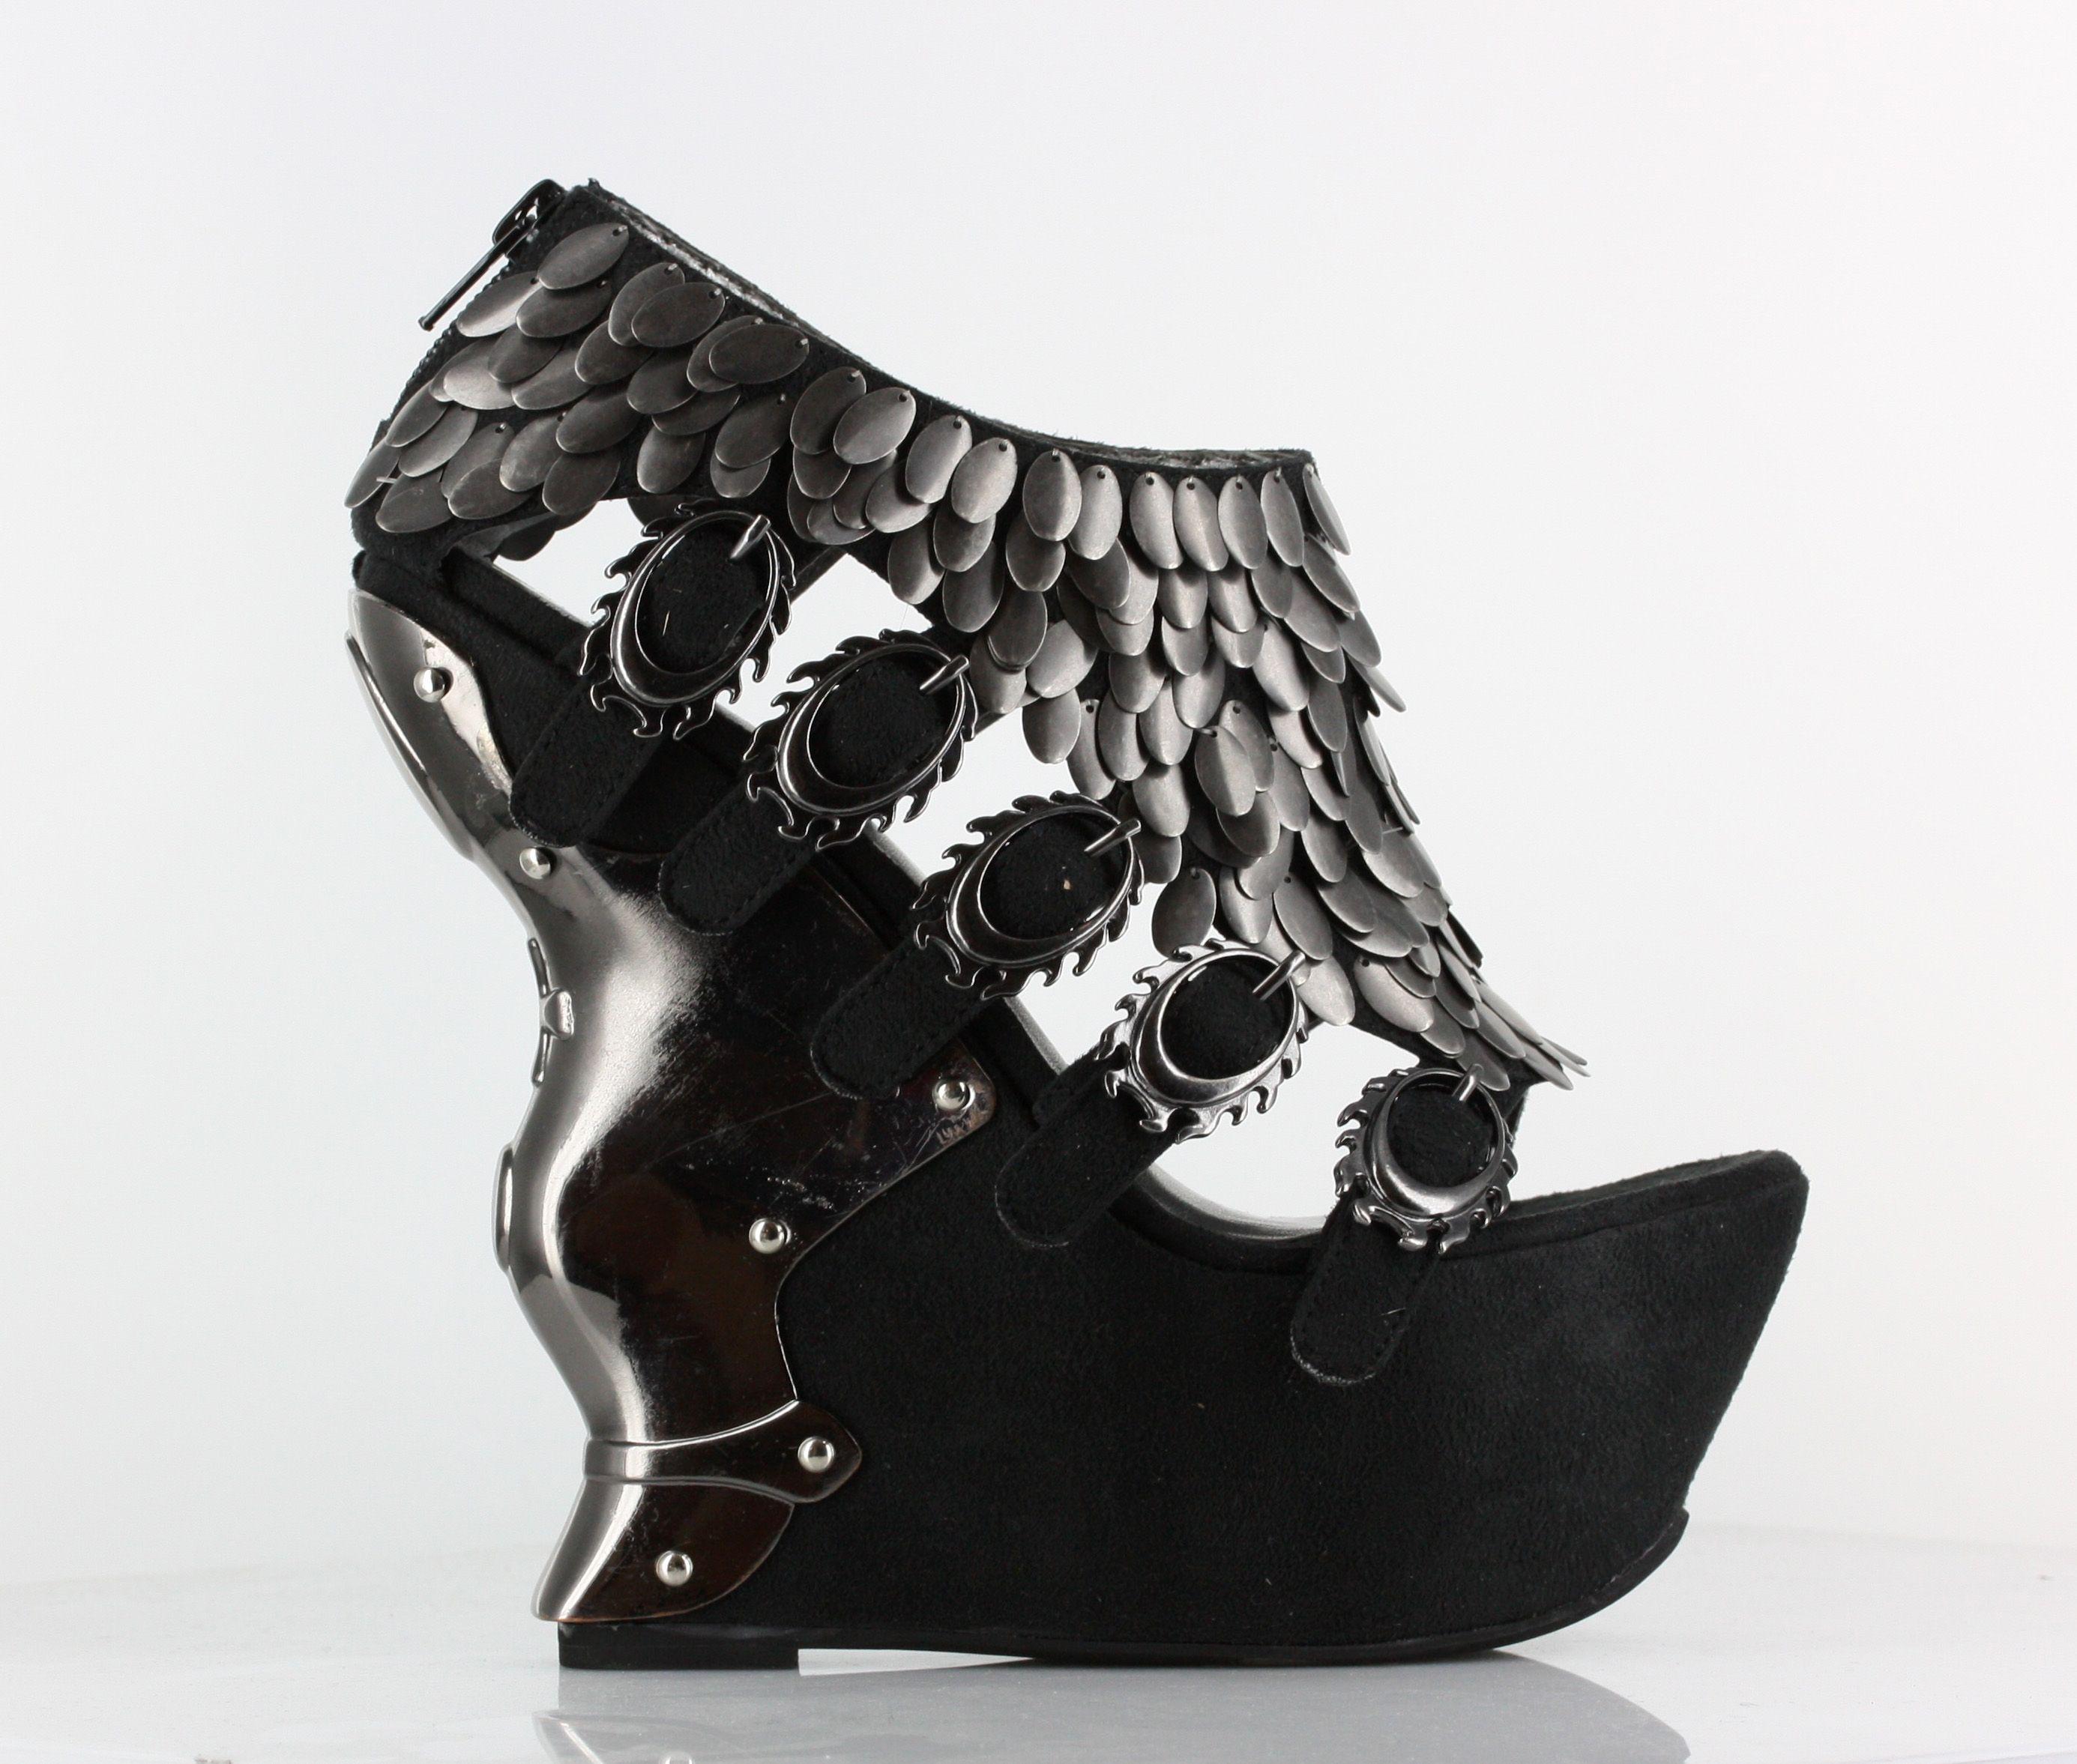 Hades Monique Platform Booties with Open Toe - Black - Heels